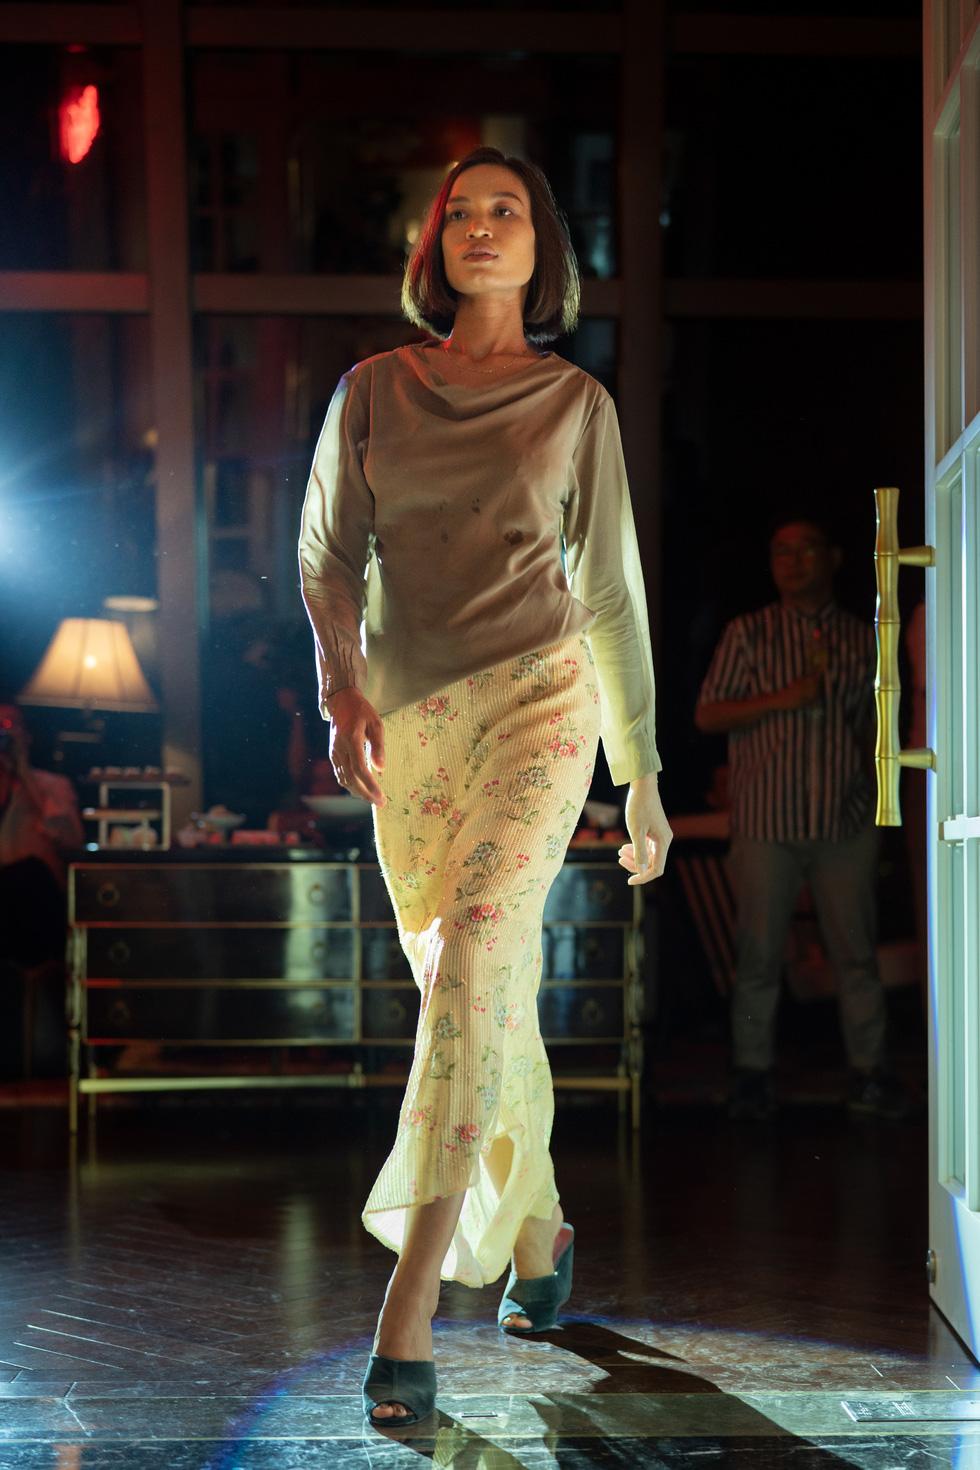 Nhà thiết kế Li Lam: Thời trang liên quan đến nội tâm nhiều hơn những gì hào nhoáng bên ngoài - Ảnh 10.